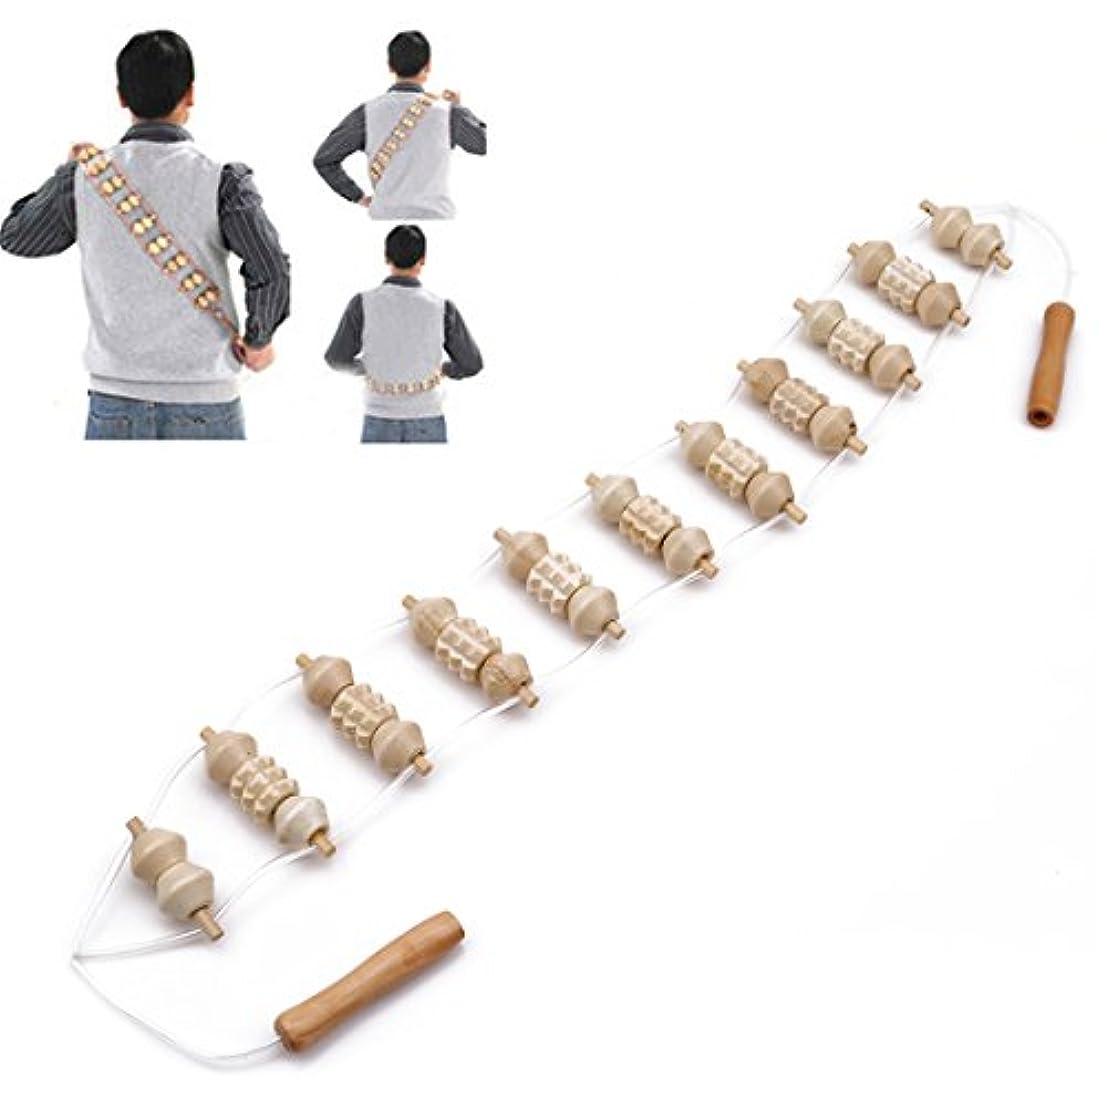 モーションダイエット彫刻KLUMA マッサージ 経絡マッサージャー ボディマッサージ 経絡疎通 筋肉痛改善 ストレス解消 血液循環を加速